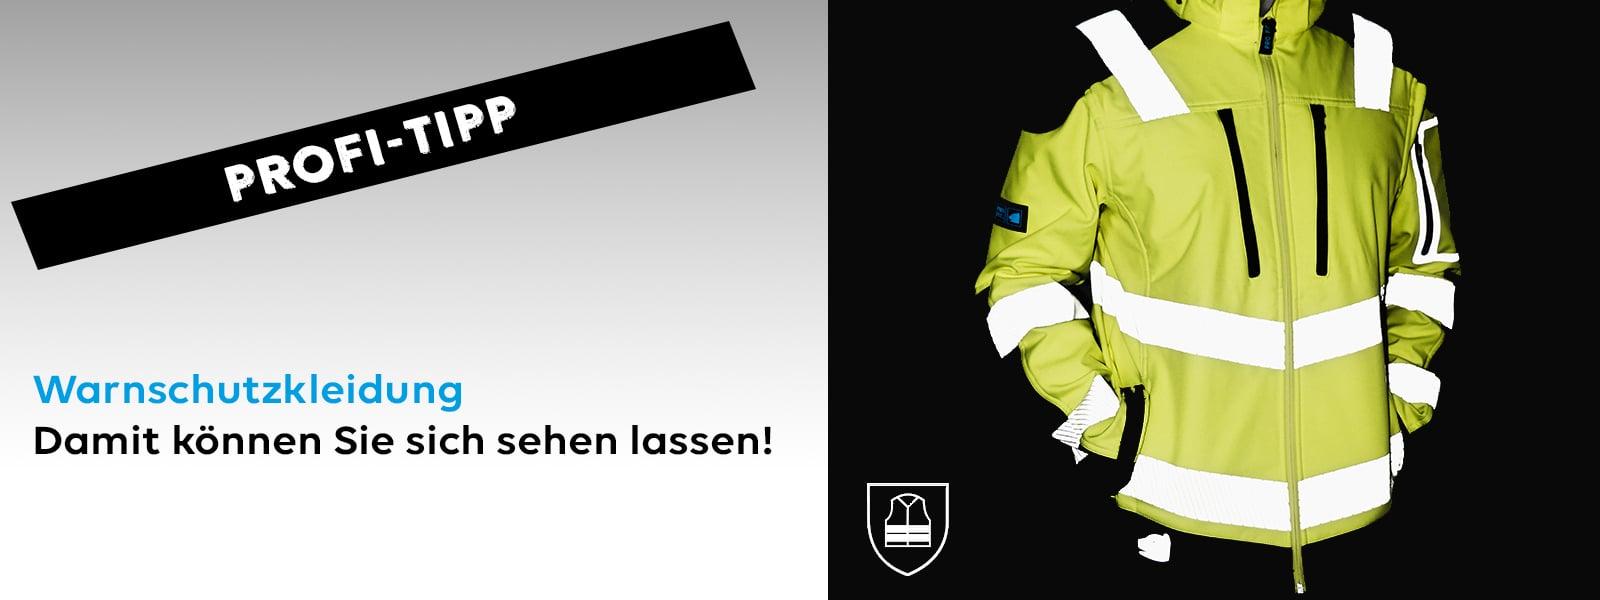 Warnschutzkleidung nach DIN EN ISO 20471 – Damit können Sie sich sehen lassen!